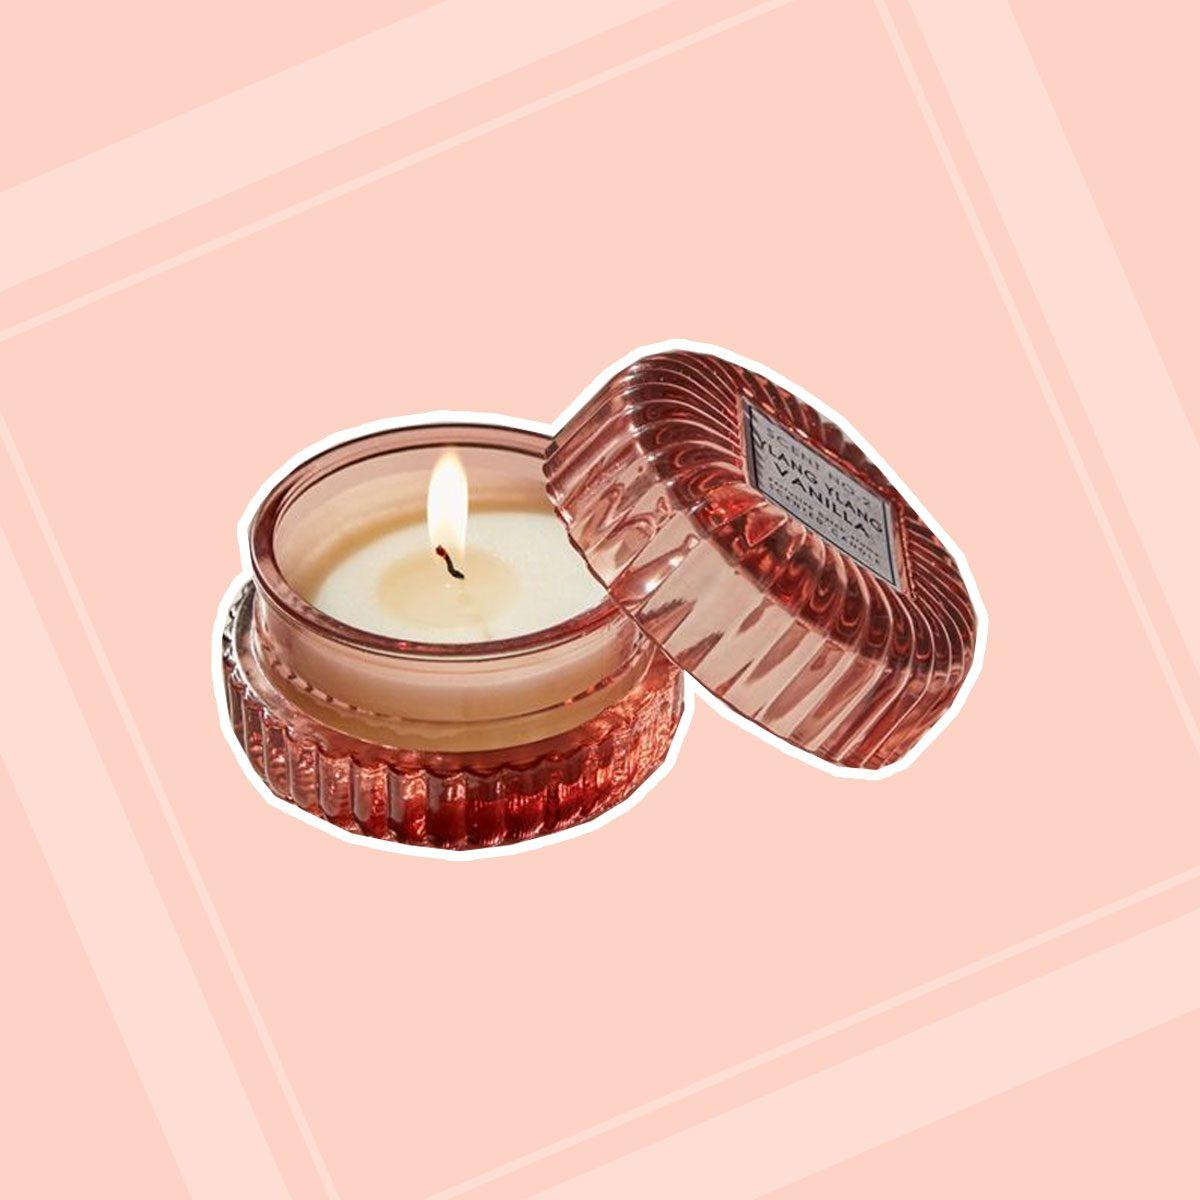 Chloe Mini Glass 2.4 oz Candle